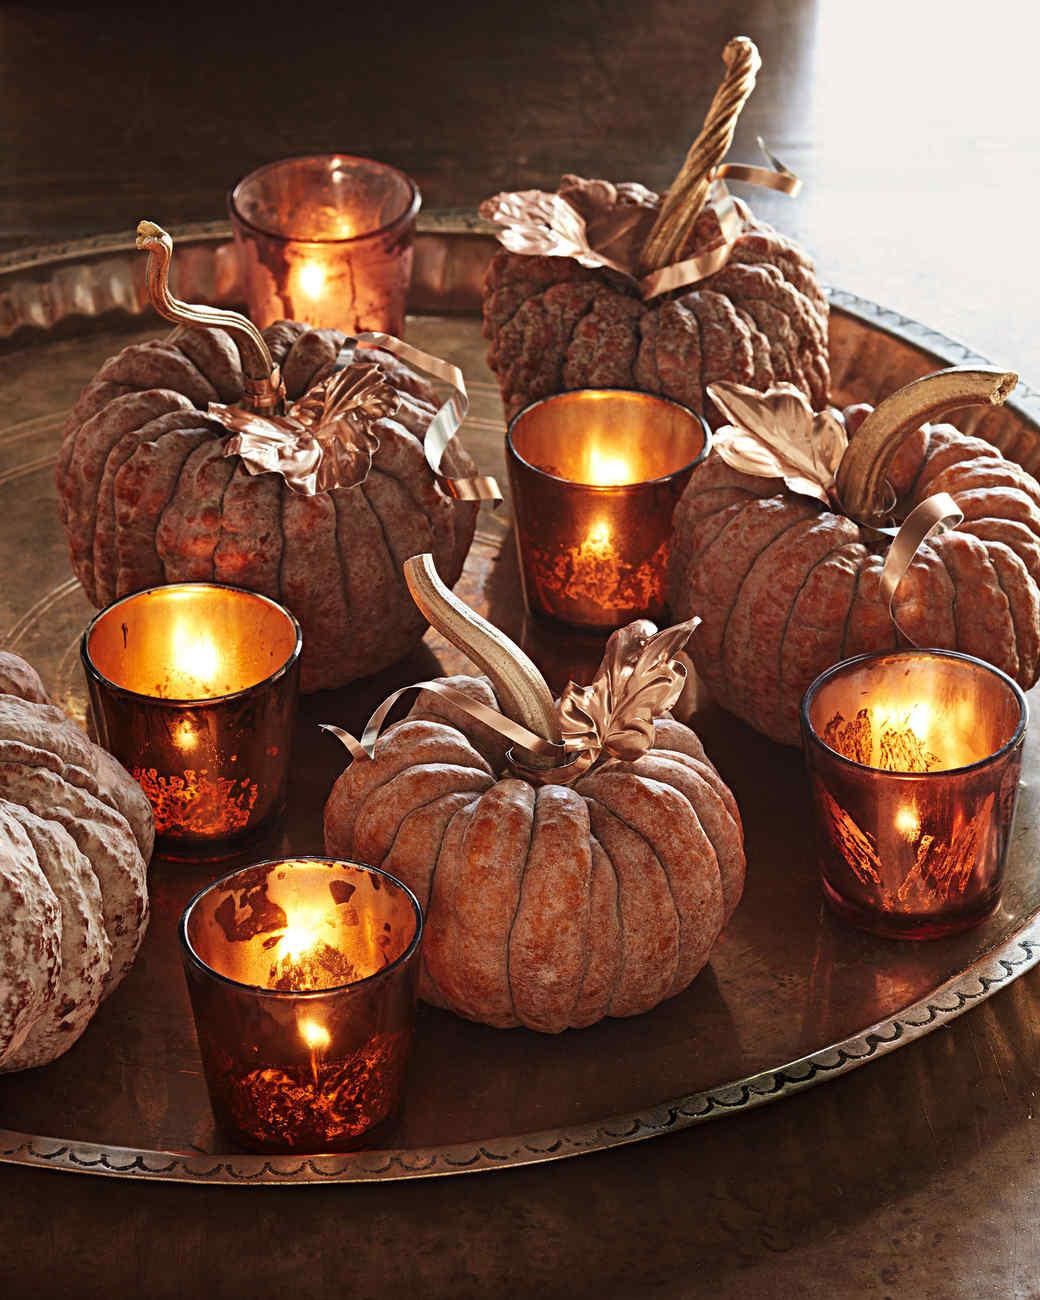 little pumpkin centerpiece